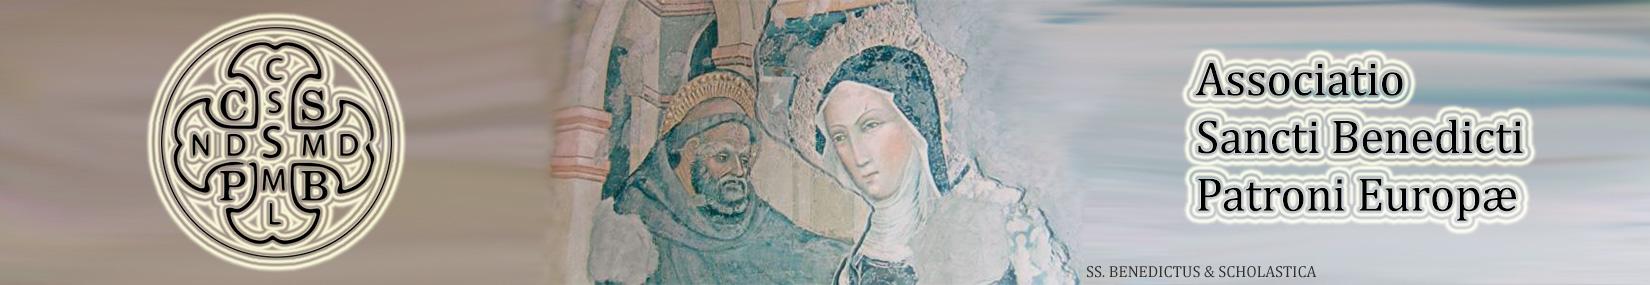 Associatio Sancti Benedicti Patroni Europae